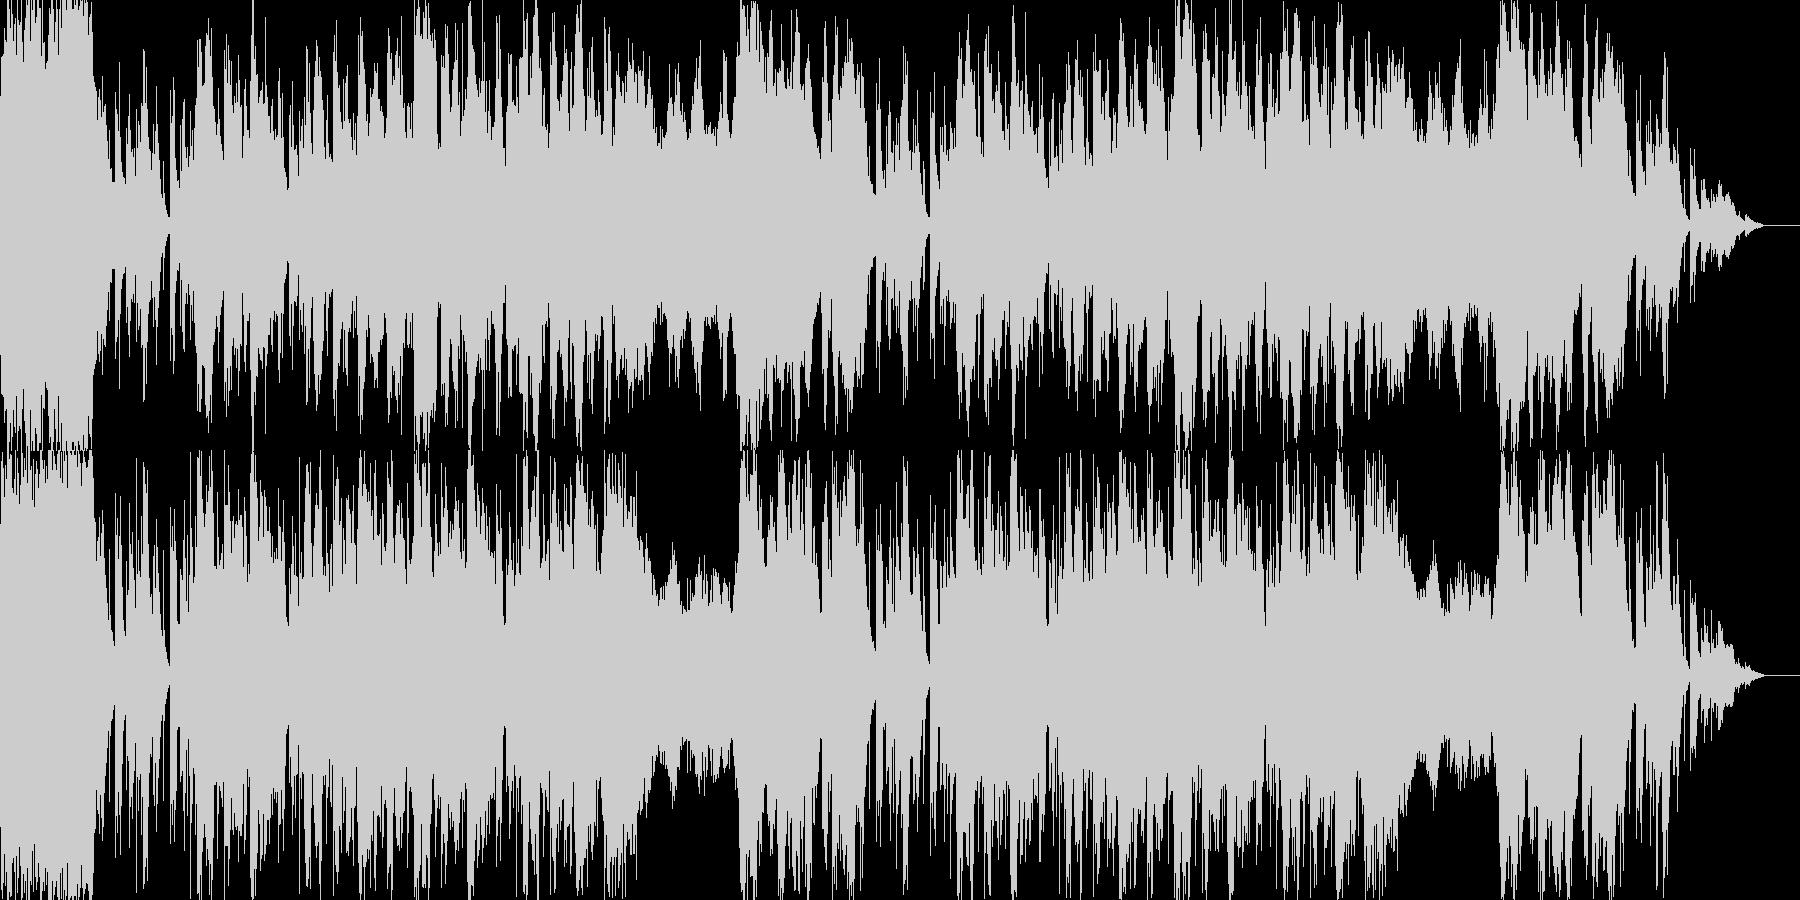 勝利のファンファーレの未再生の波形